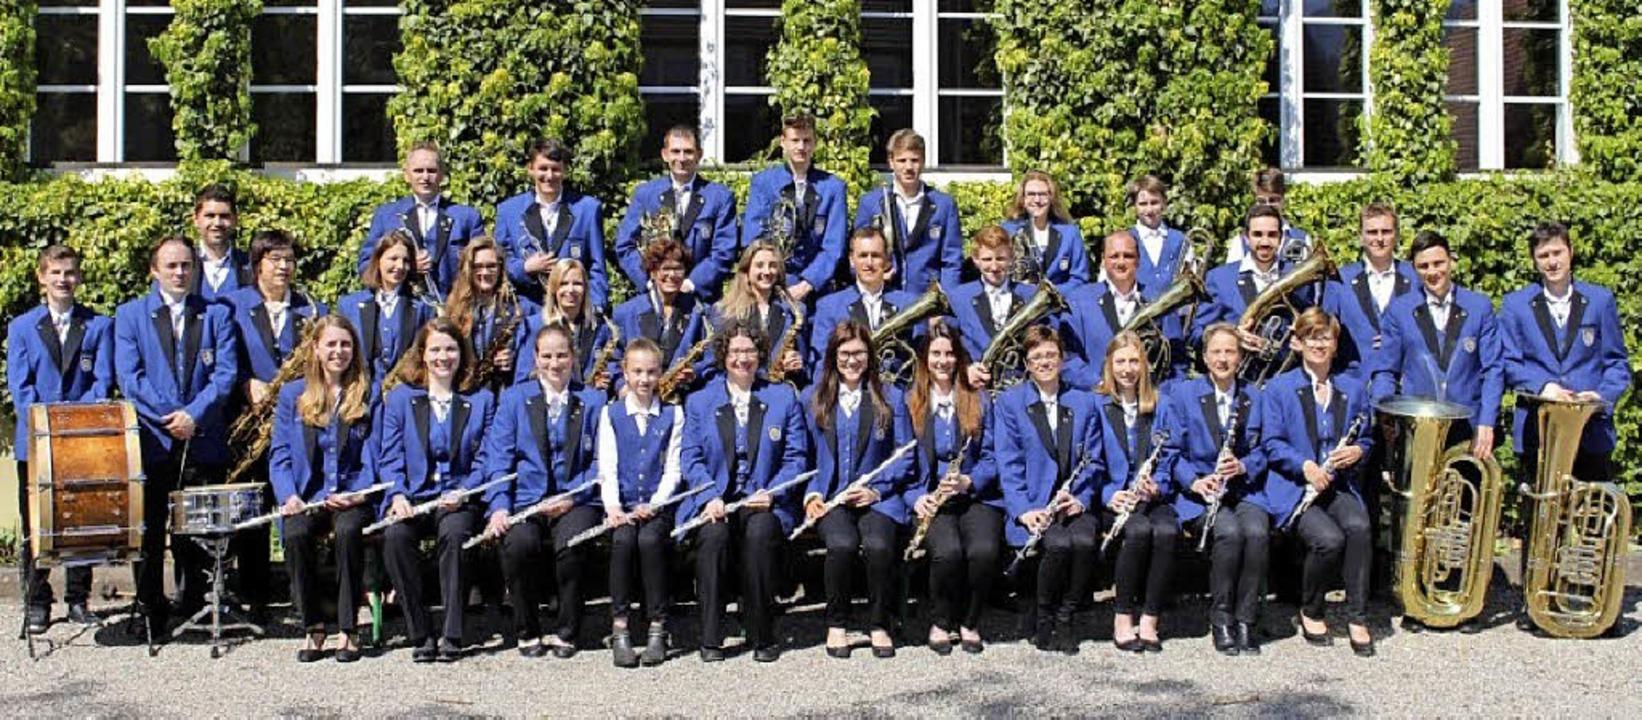 Das Hauptorchester des Musikvereins Wolfenweiler-Schallstadt   | Foto: Musikverein